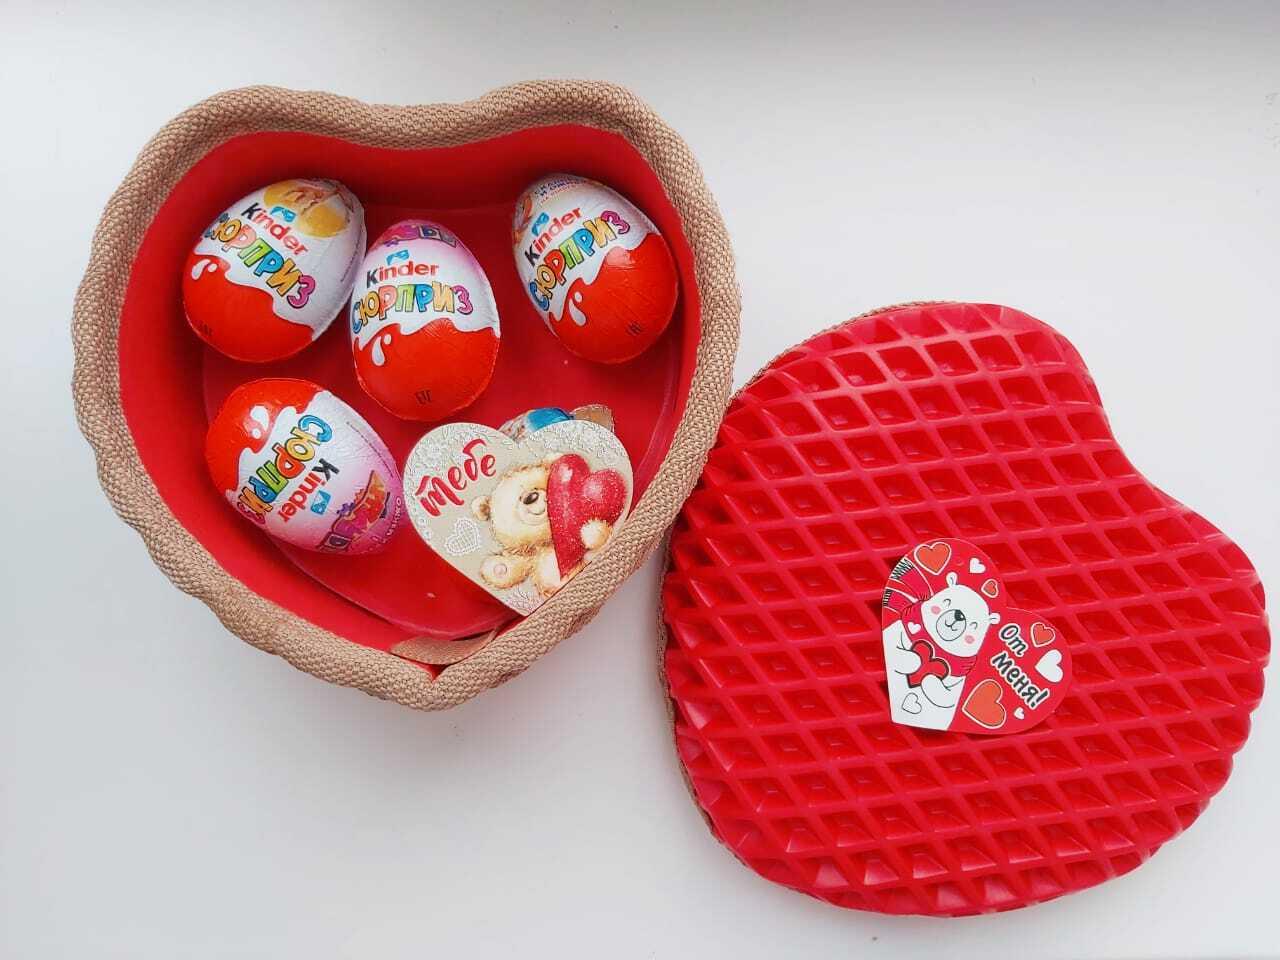 Подарочная упаковка в форме сердца из ЕВА материала